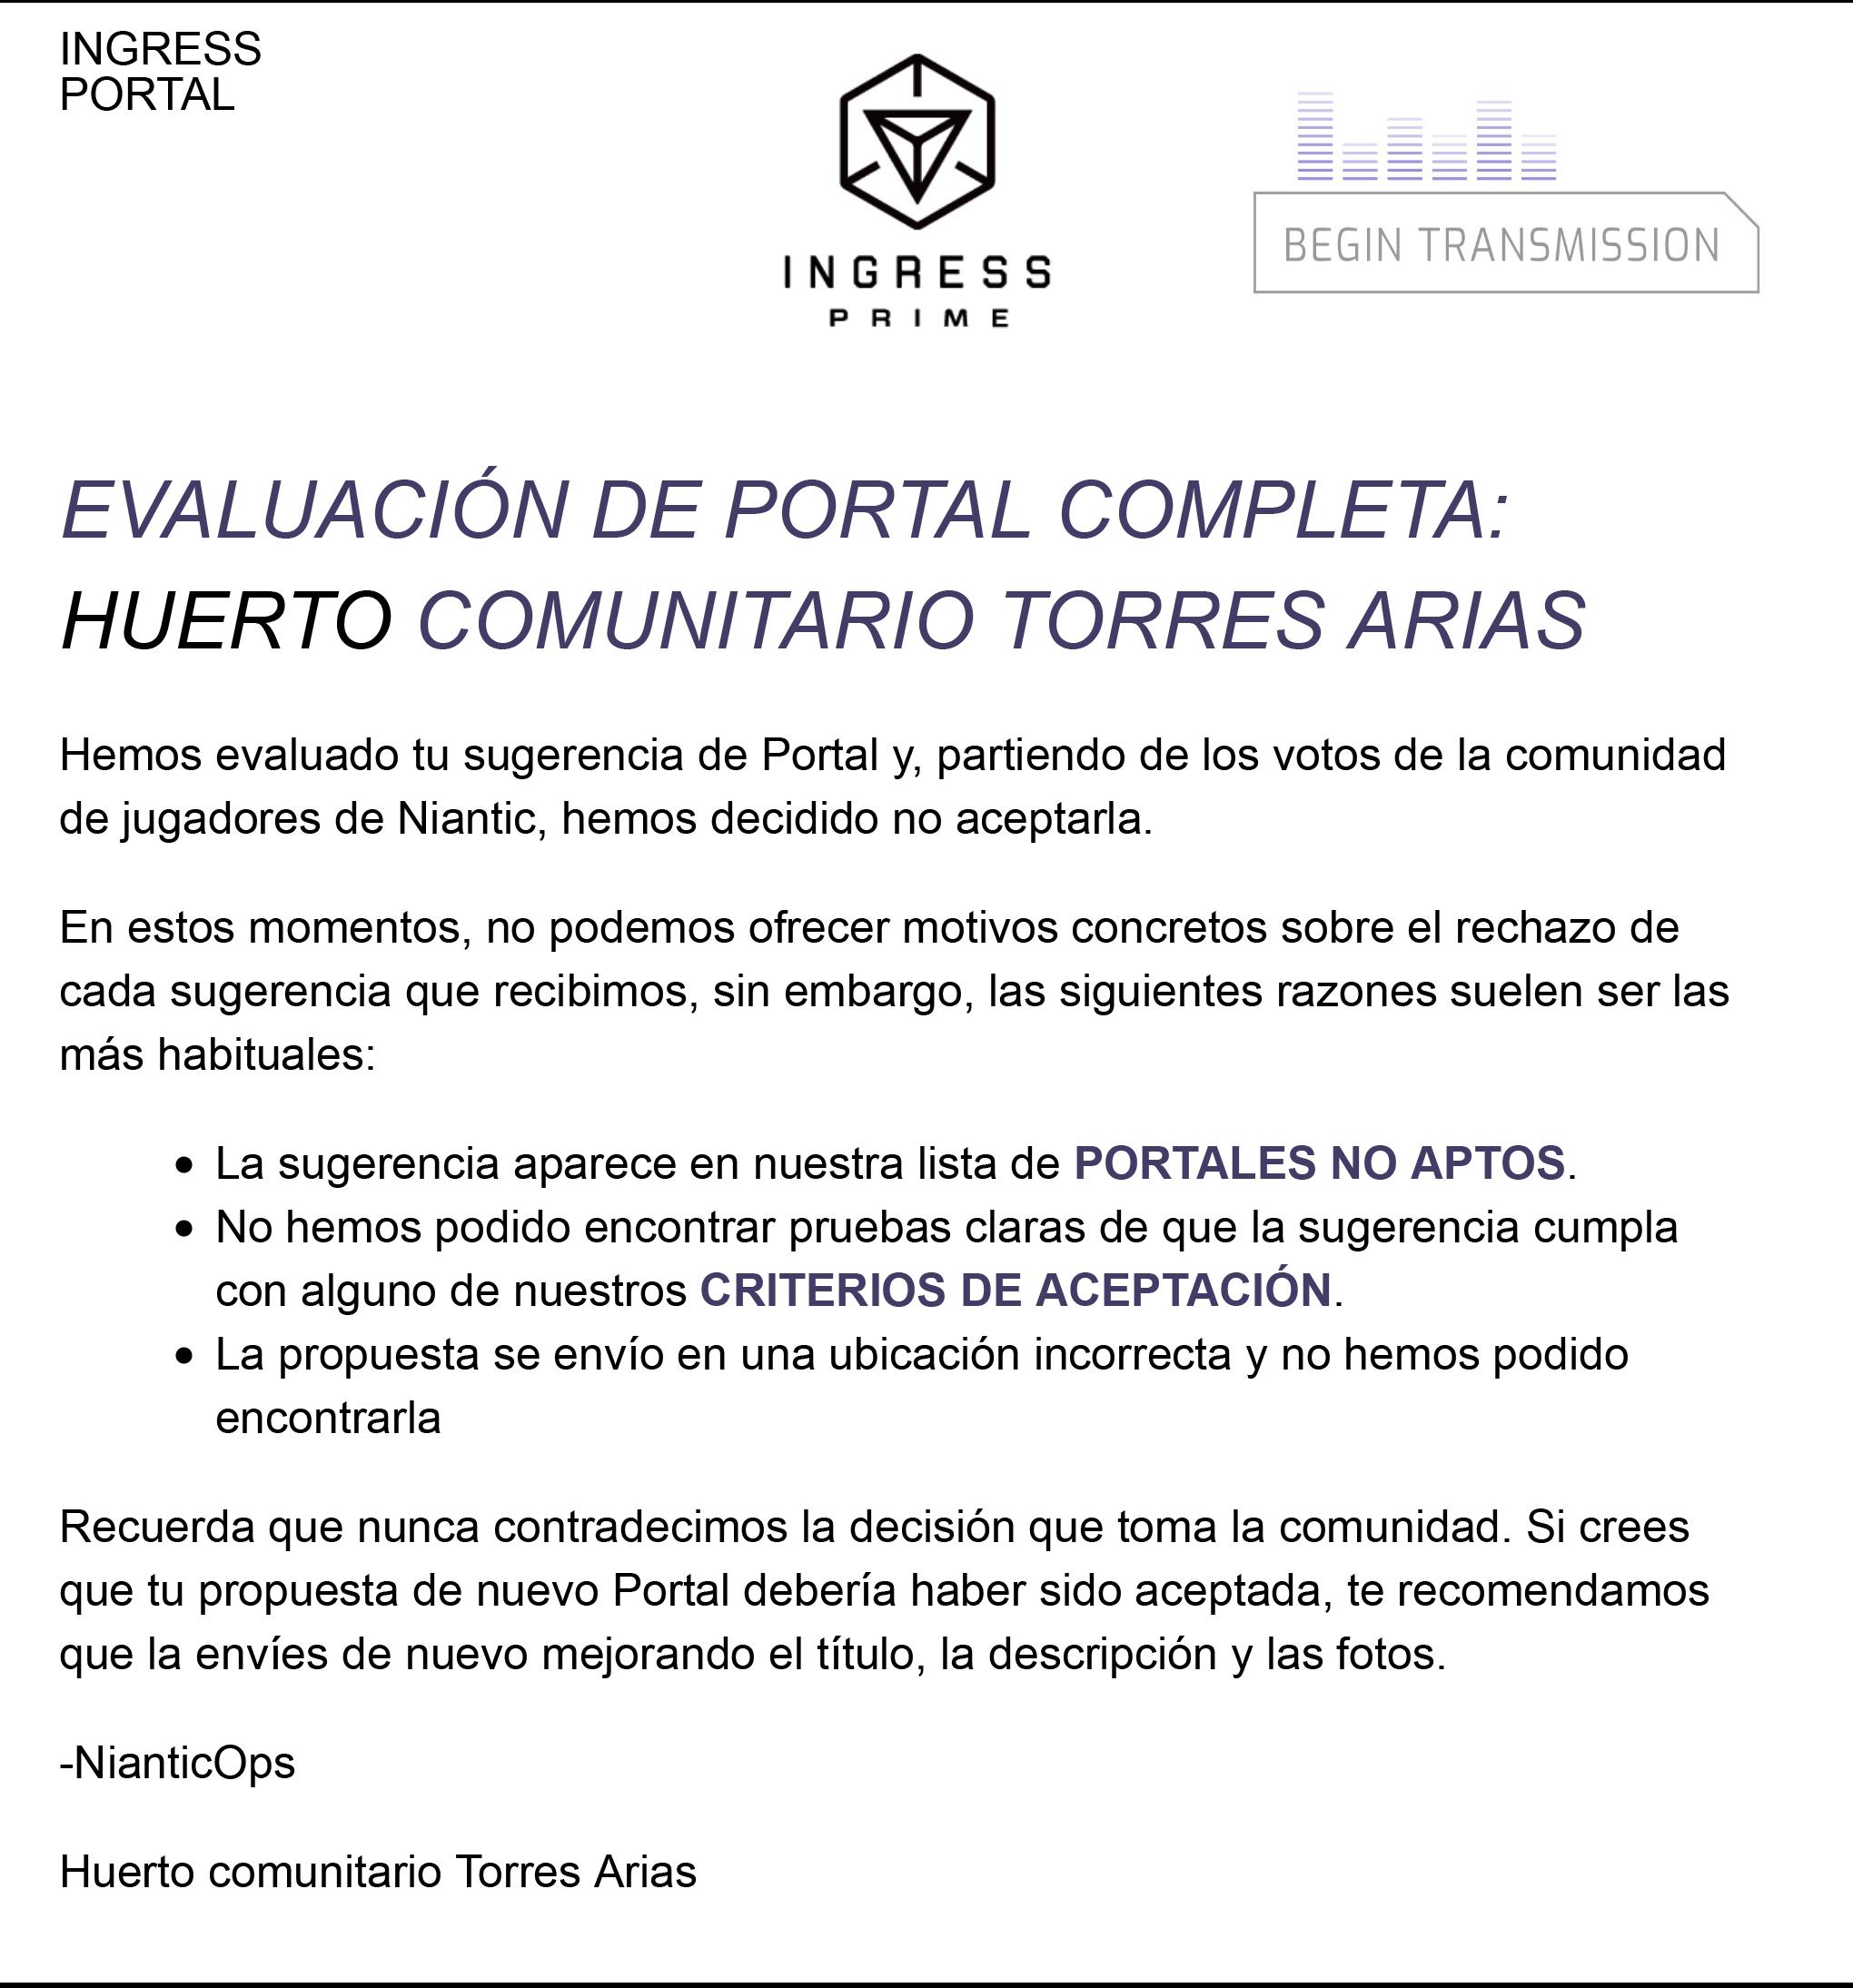 Huerto comunitario Torres Arias.png